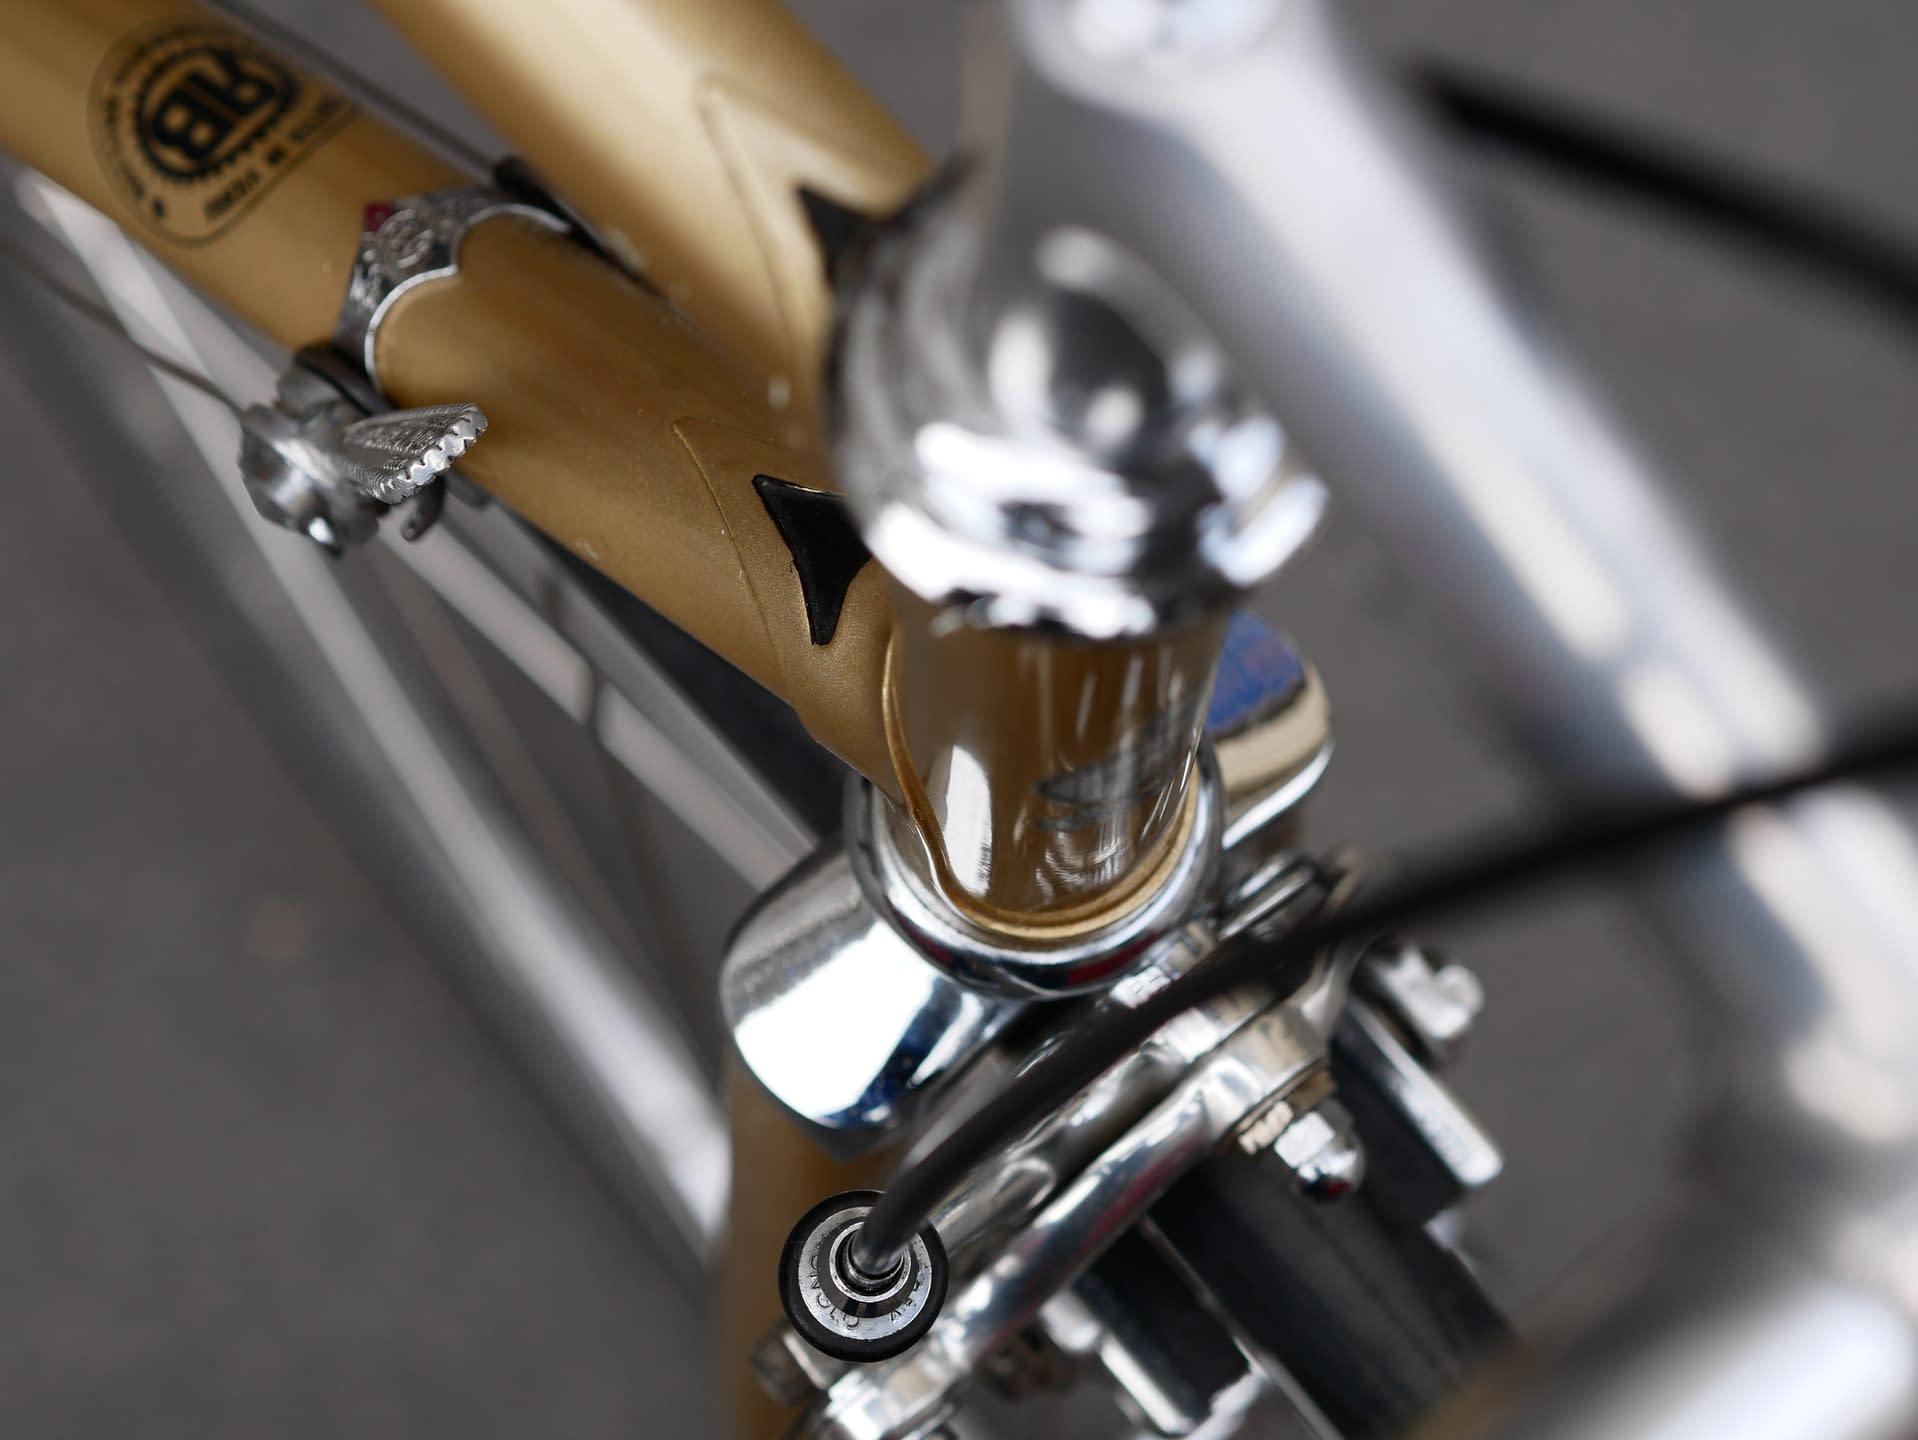 P1100901 - BIKESHOP Custom bikes - Auftragsfahrrad nach Kundenwunsch